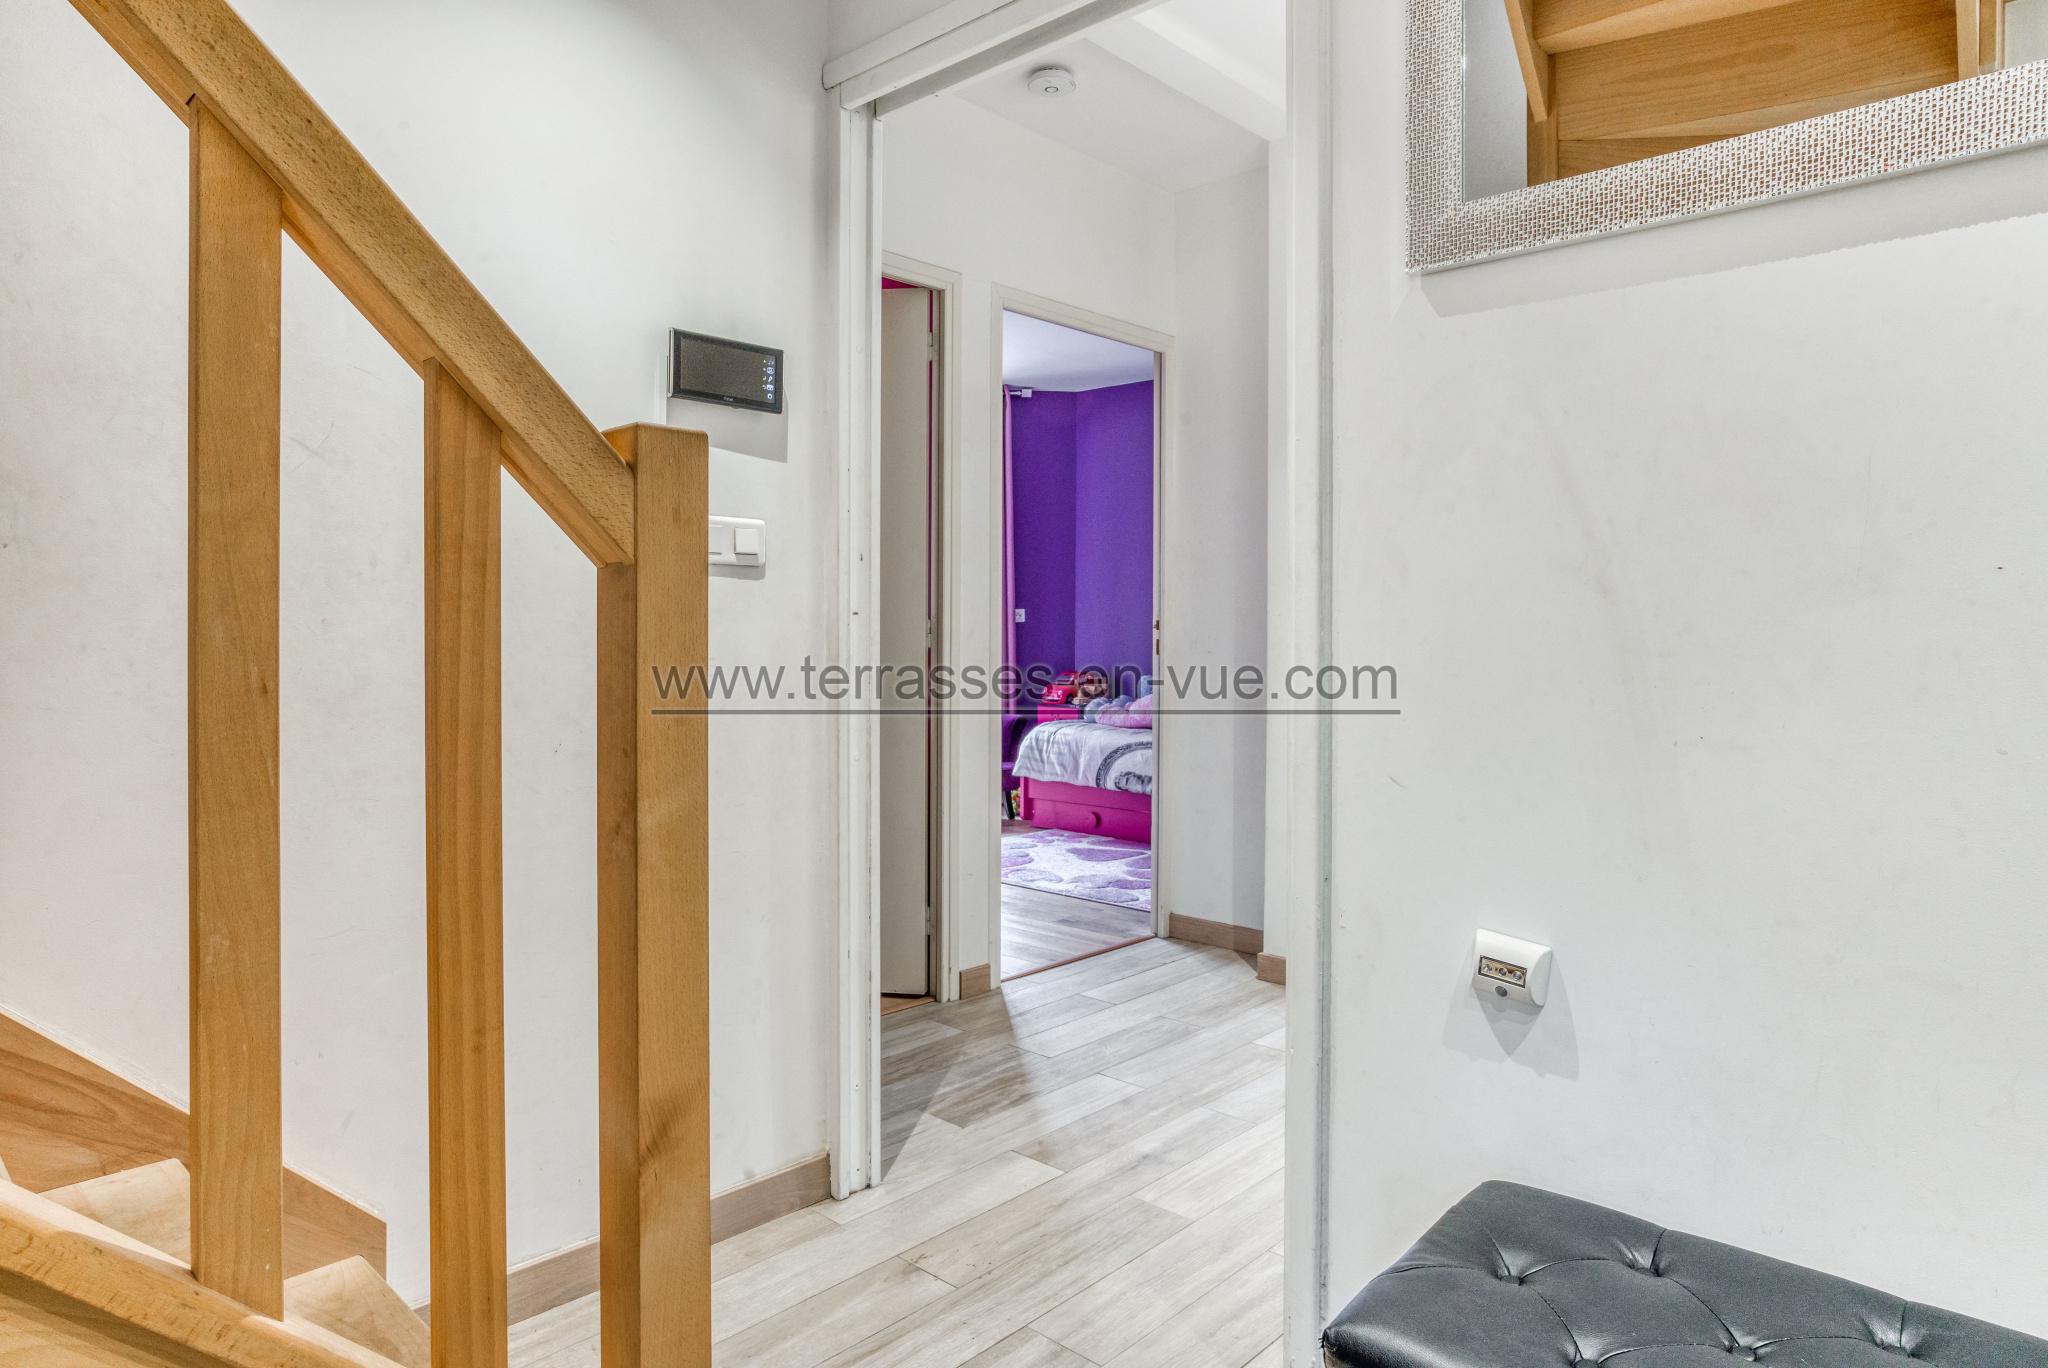 Maison À vendre - Nanterre / 92000